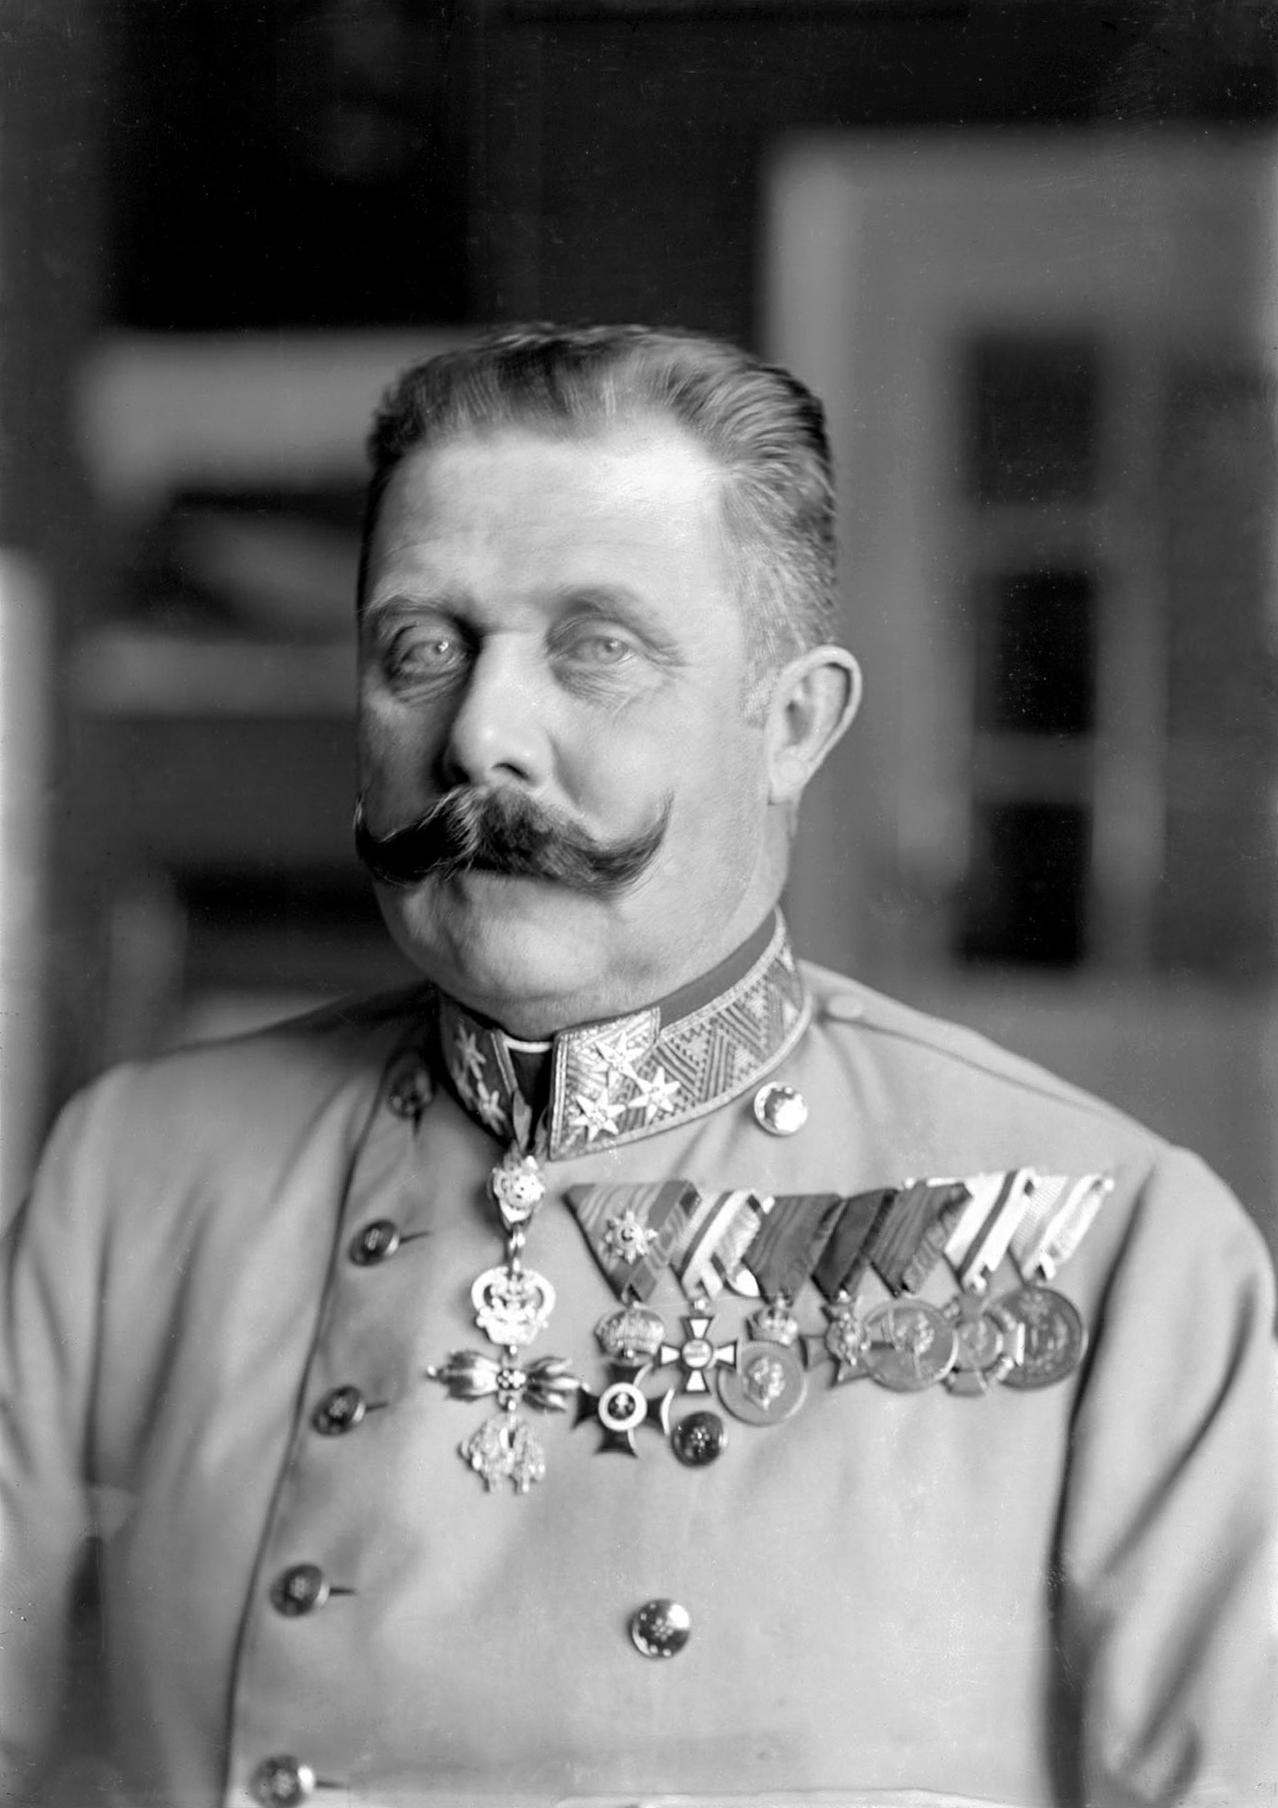 Ferdinand Schmutzer - Franz Ferdinand von Österreich-Este, in 1914